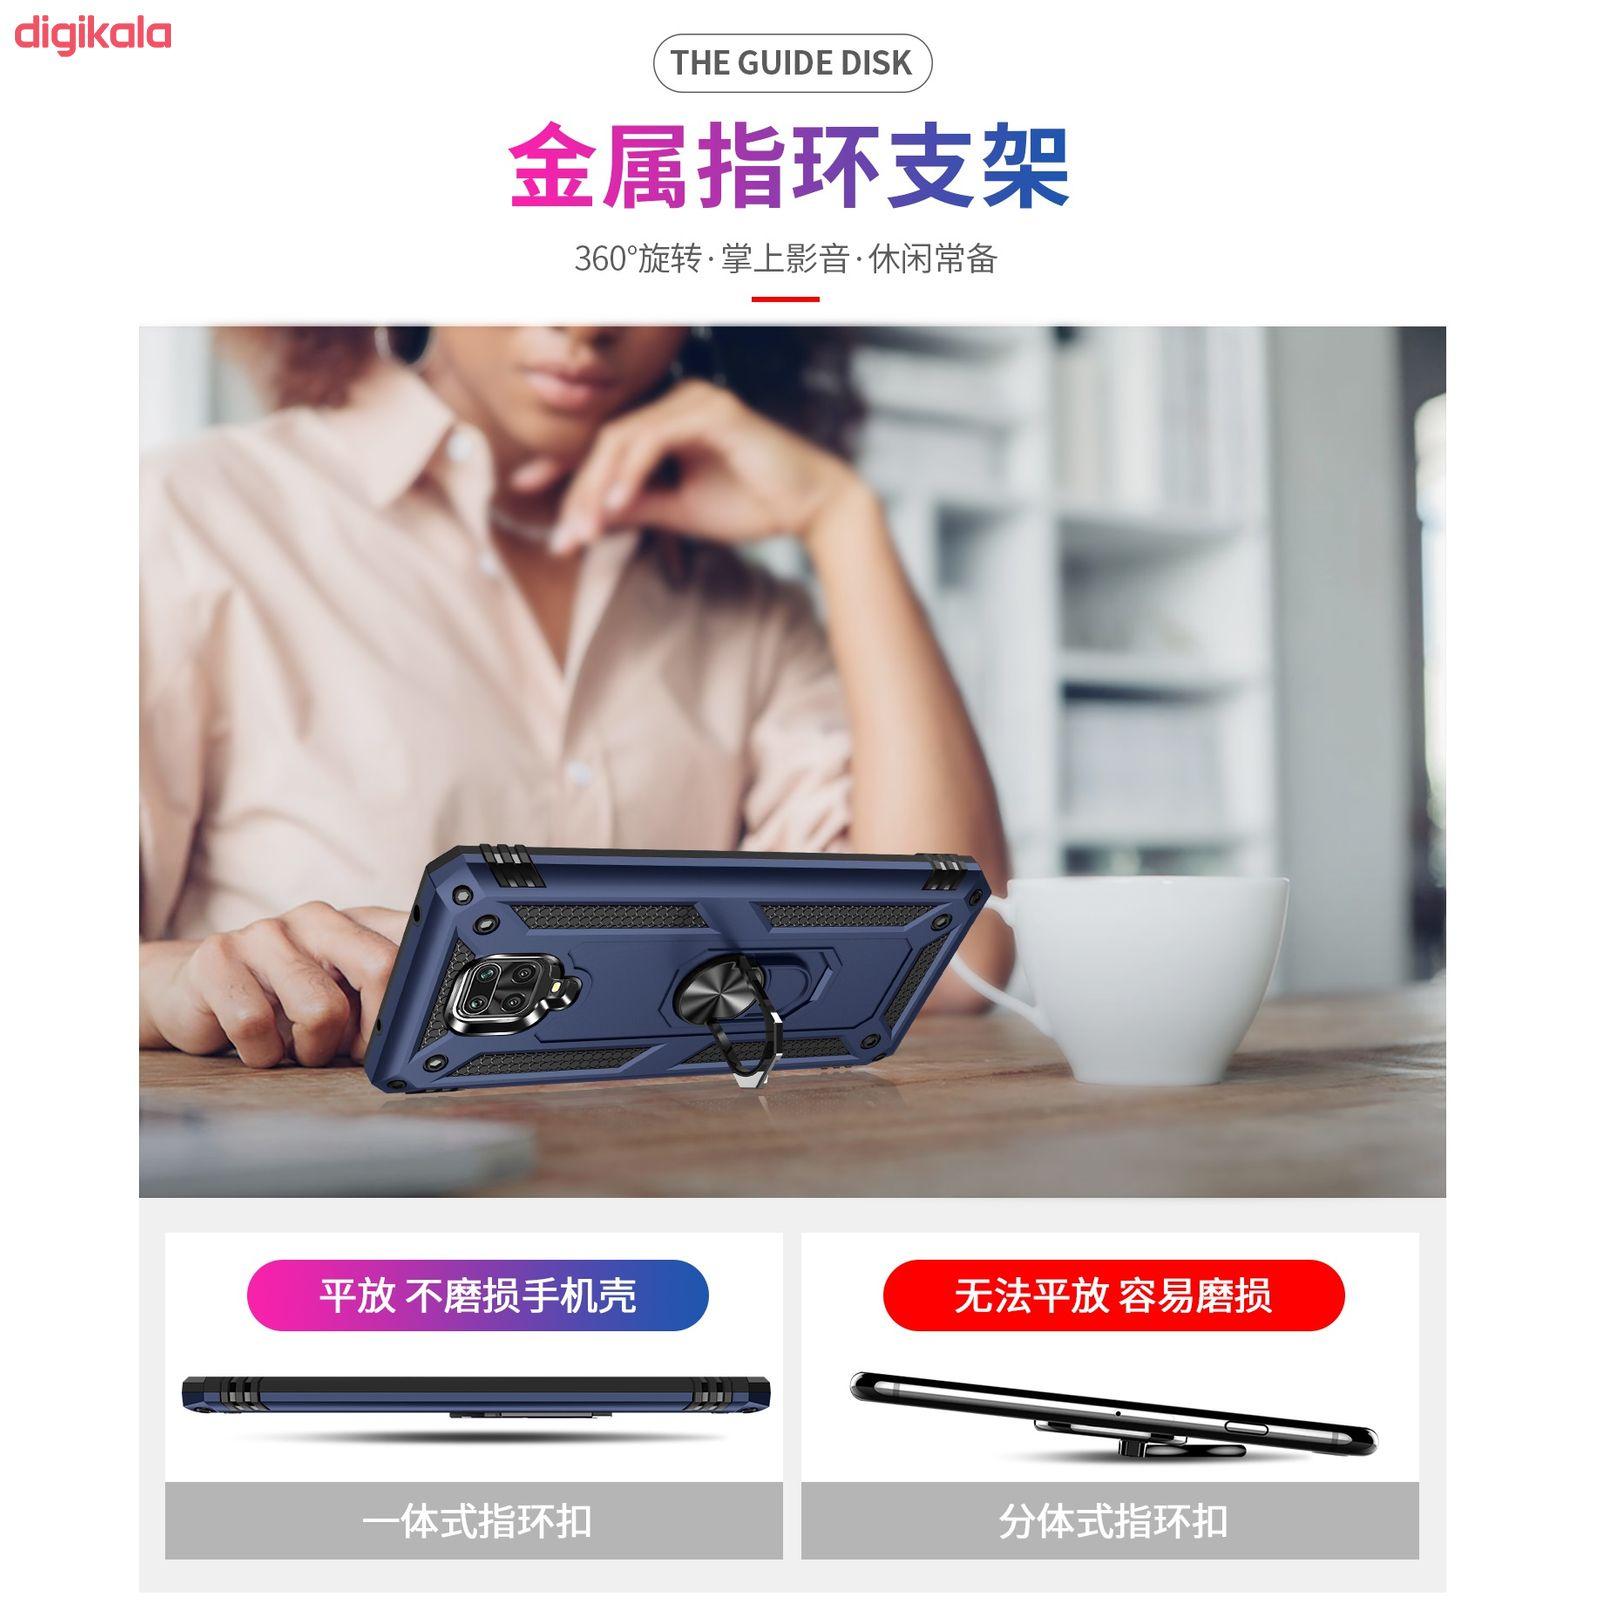 کاور آرمور مدل AR-2650 مناسب برای گوشی موبایل شیائومی Redmi Note 9s / Note 9 Pro main 1 5